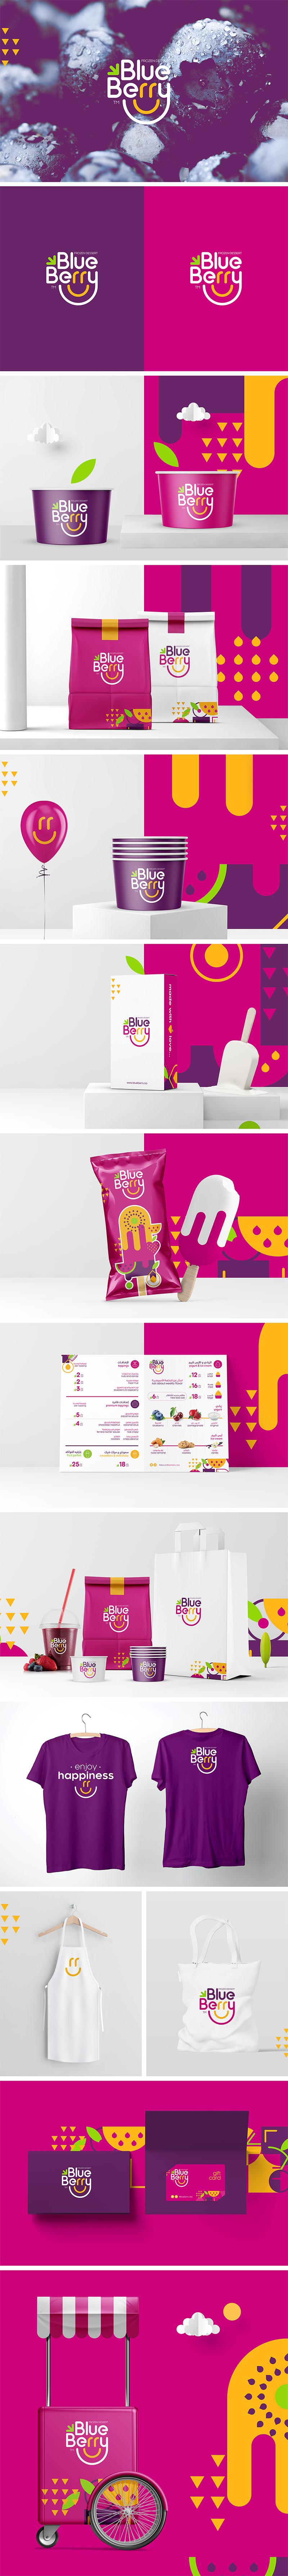 26款国外创意冰淇淋包装设计